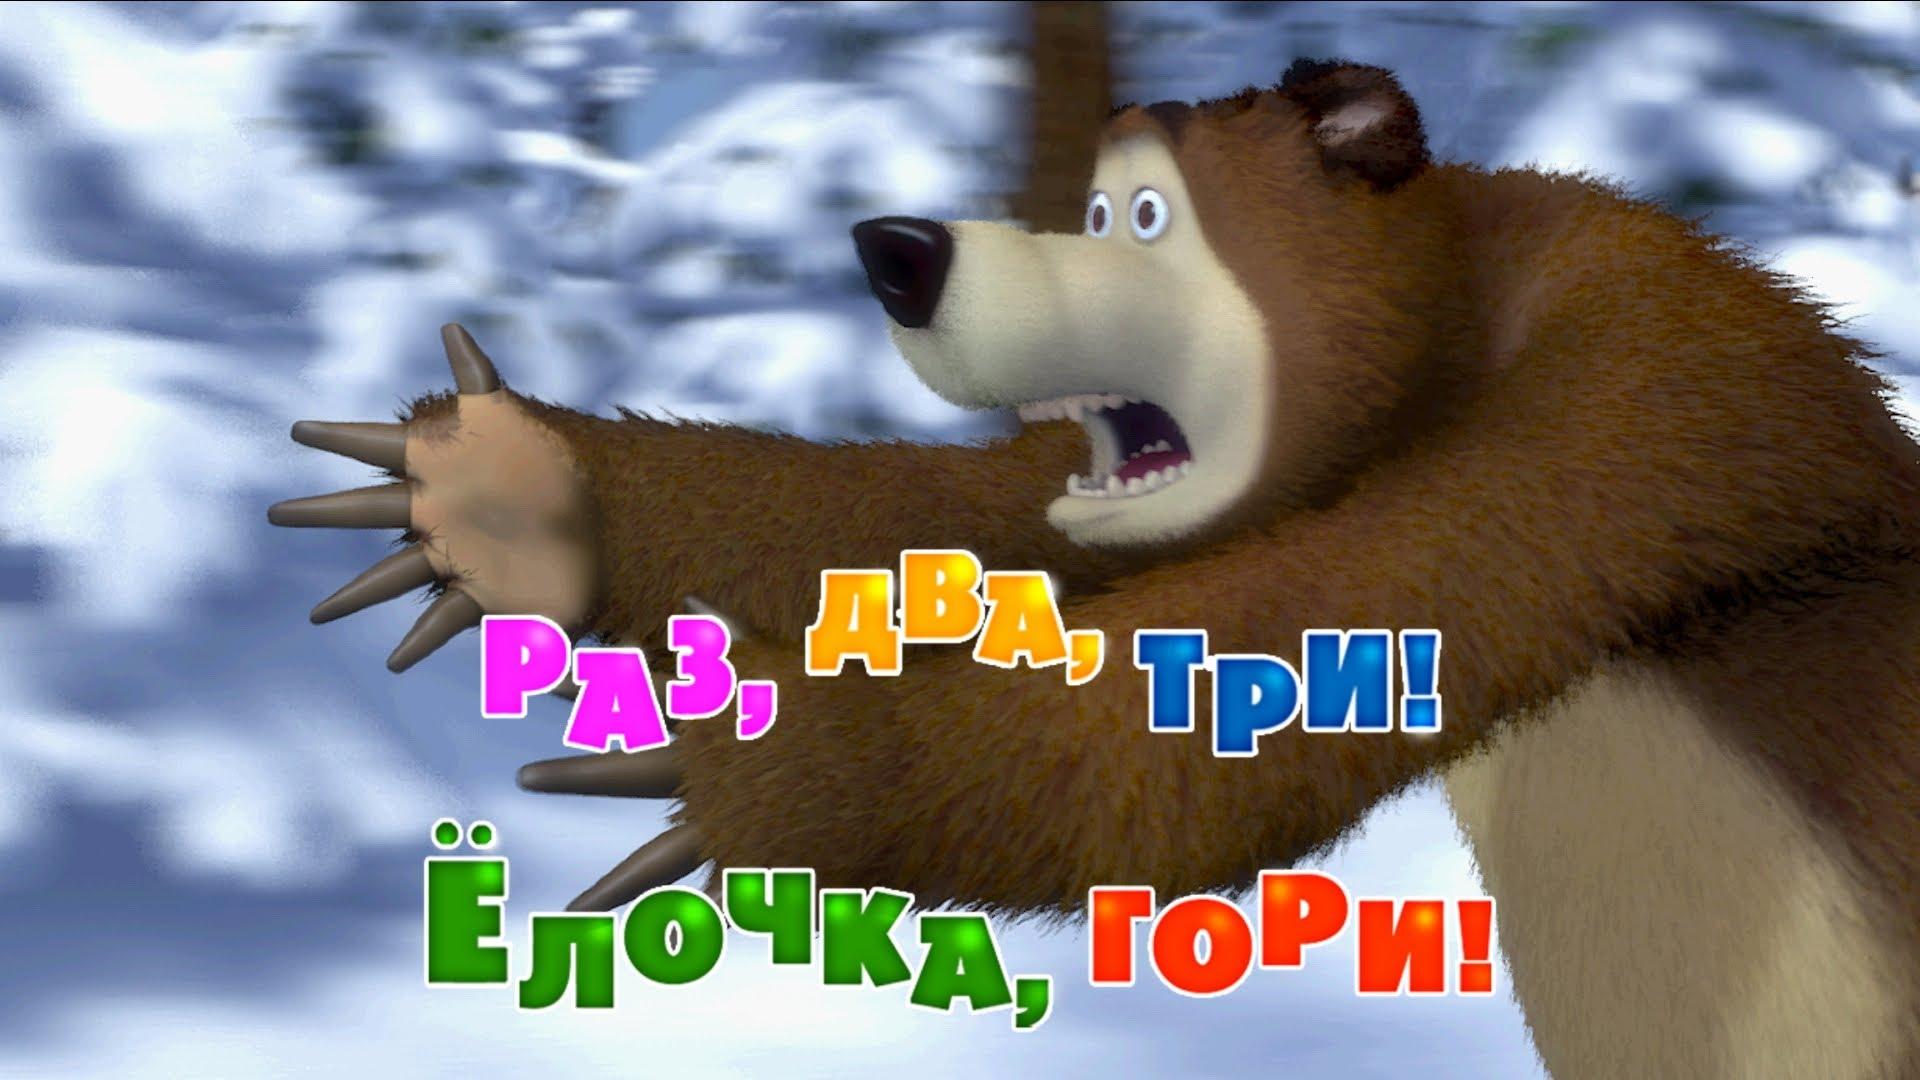 3 Серия. Маша и Медведь — Раз, два, три! Ёлочка гори!